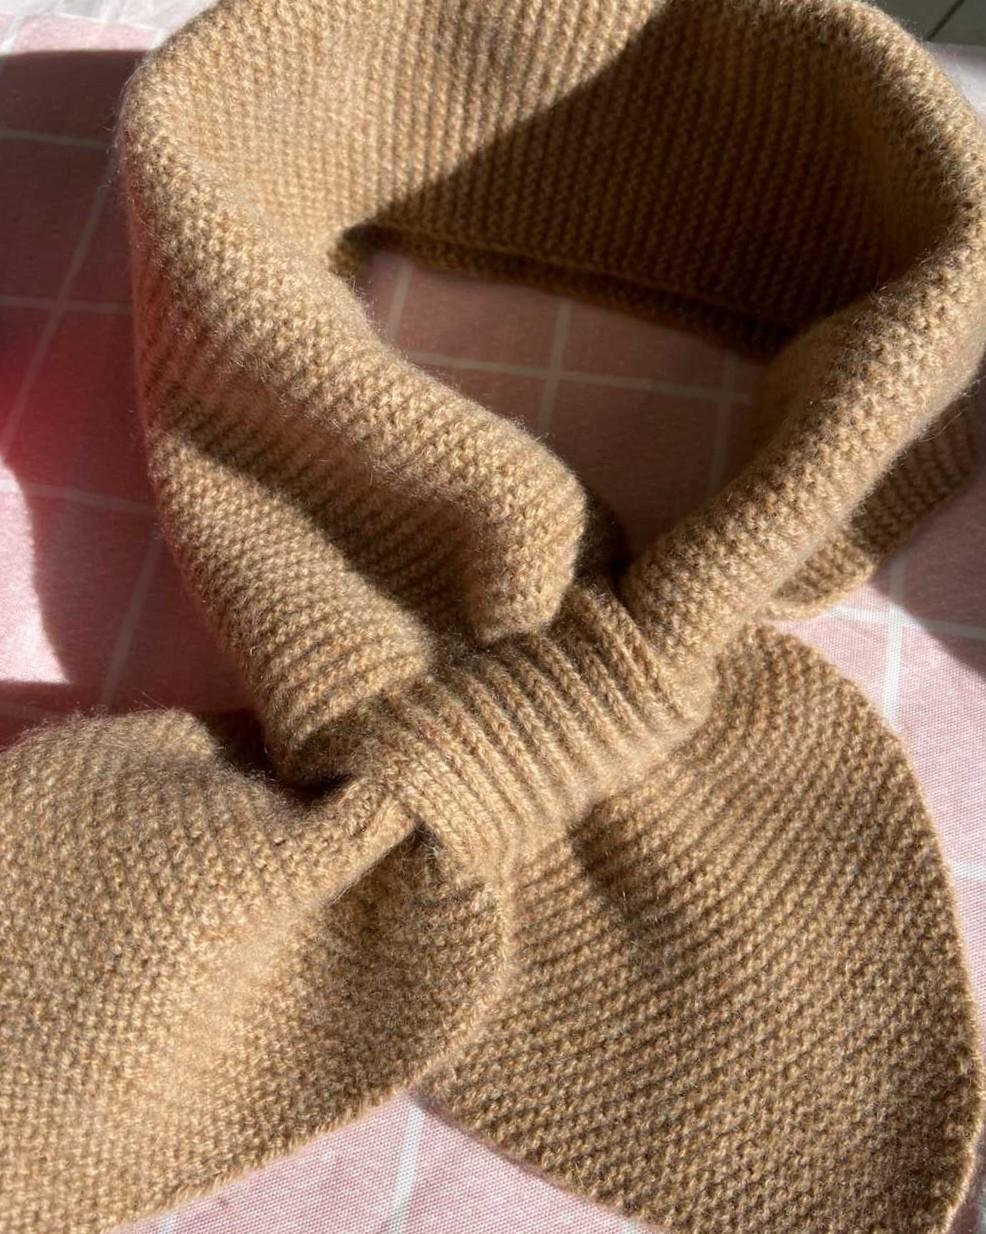 超好看超好看的鄂尔多斯小领结围巾 有没有被Q到,第一眼就爱上